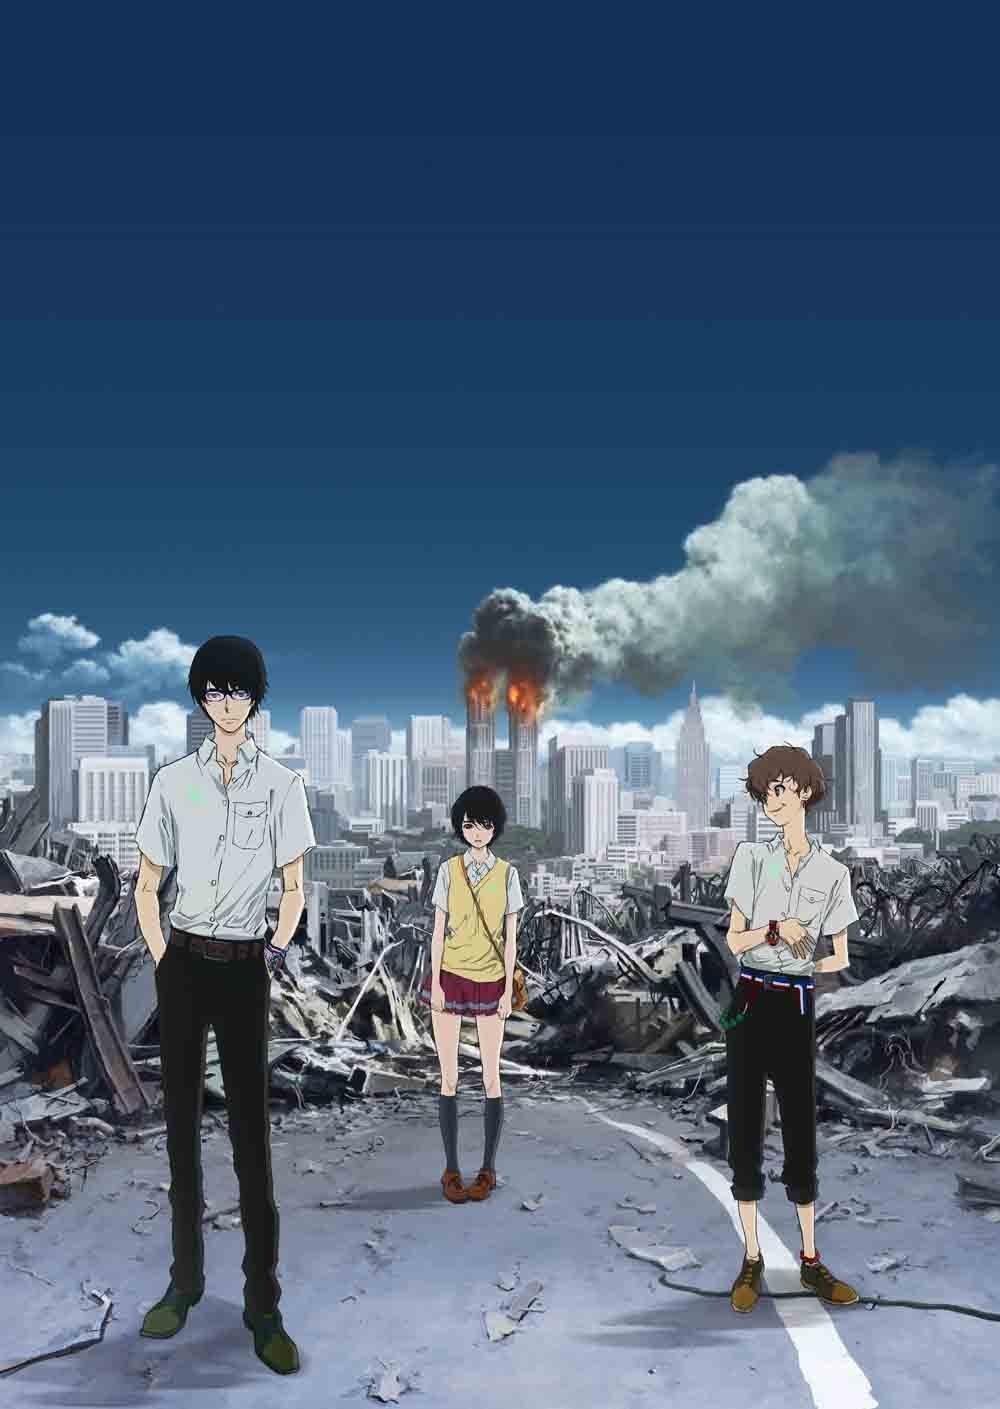 日本でもこんなテロがあったら…と考えてしまうアニメ『 残響のテロル 』